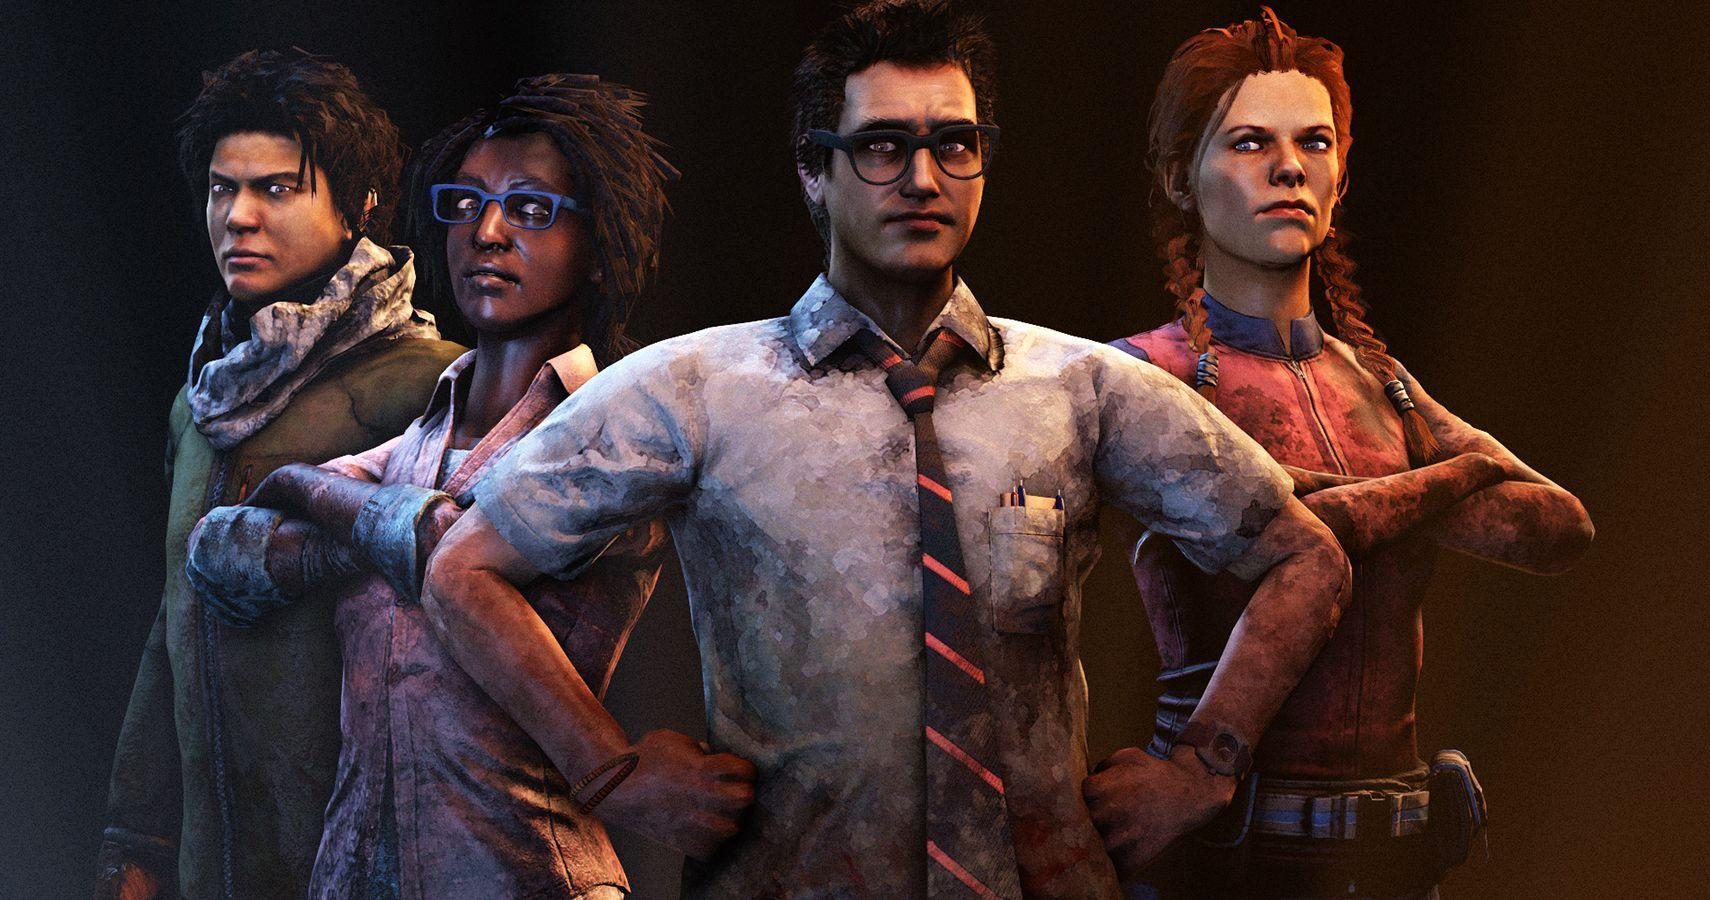 Mejoras visuales llegarán a algunos personajes de Dead by Daylight